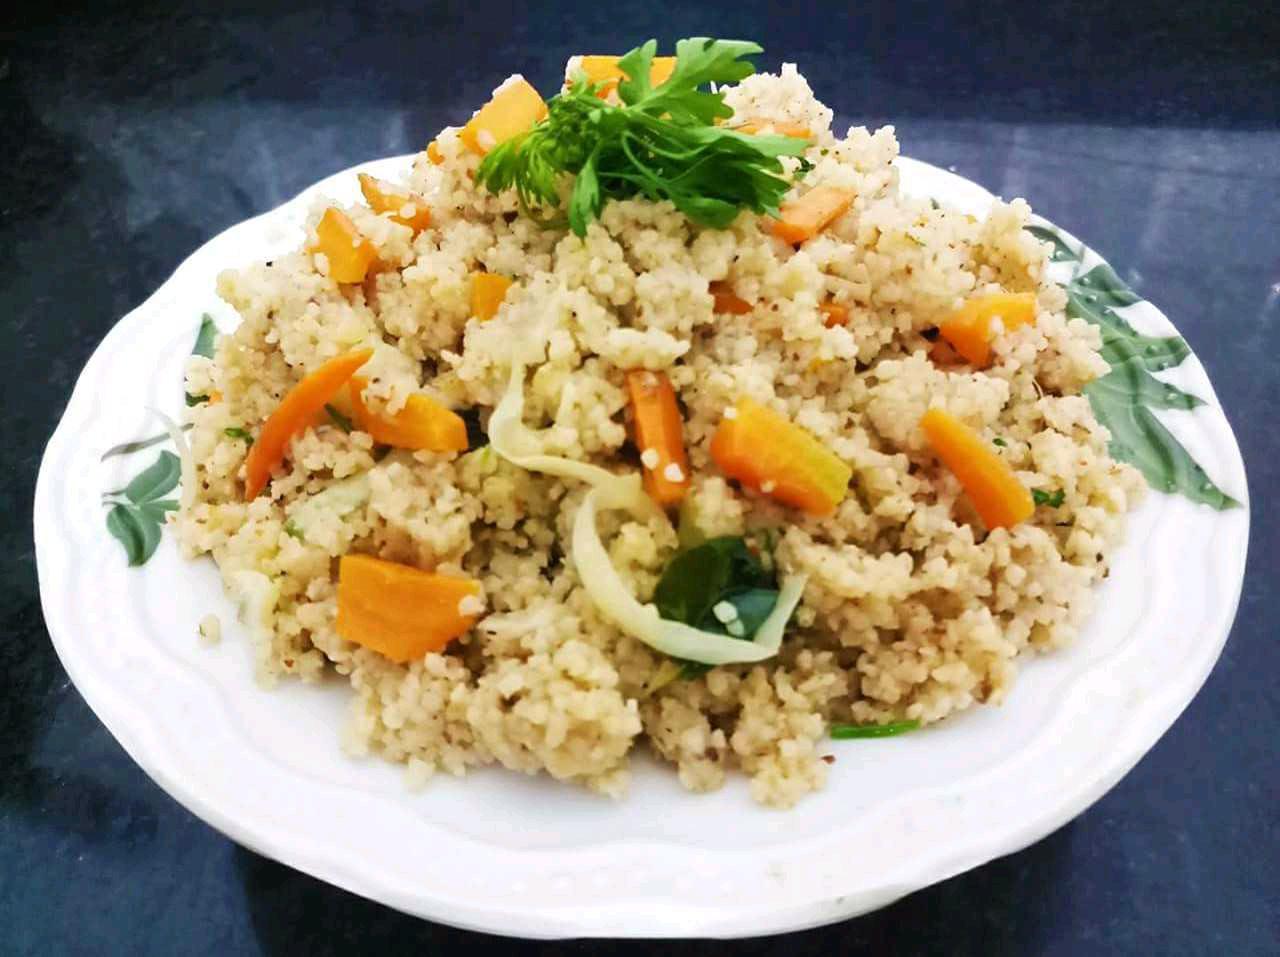 Samak Rice Pulao